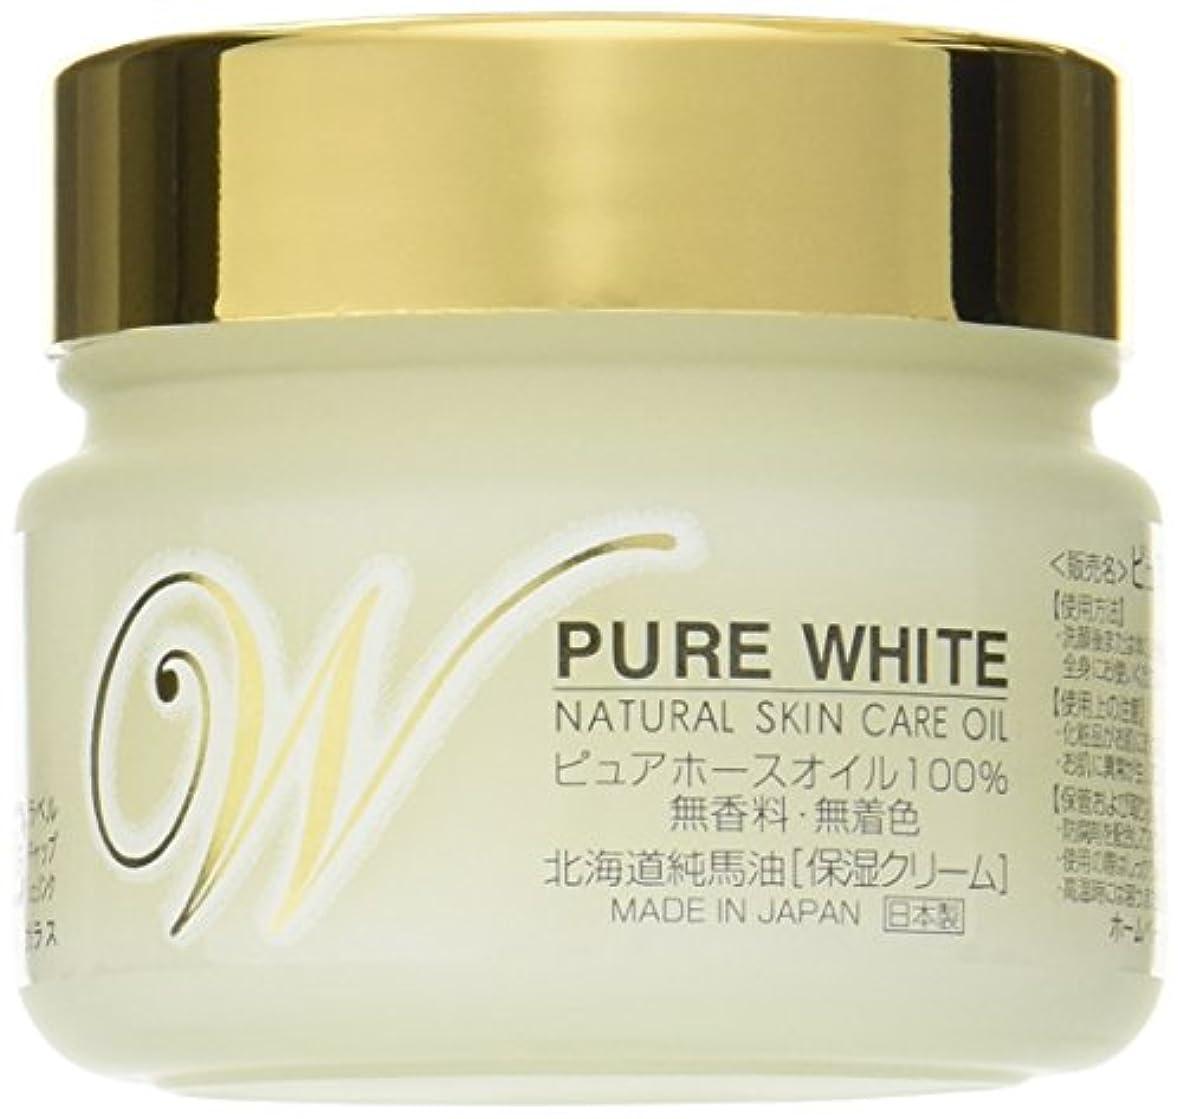 ブランドいたずら刻む北海道純馬油本舗 ピュアホワイト ピュアホースオイル100% 保湿クリーム 無香料無着色 100g